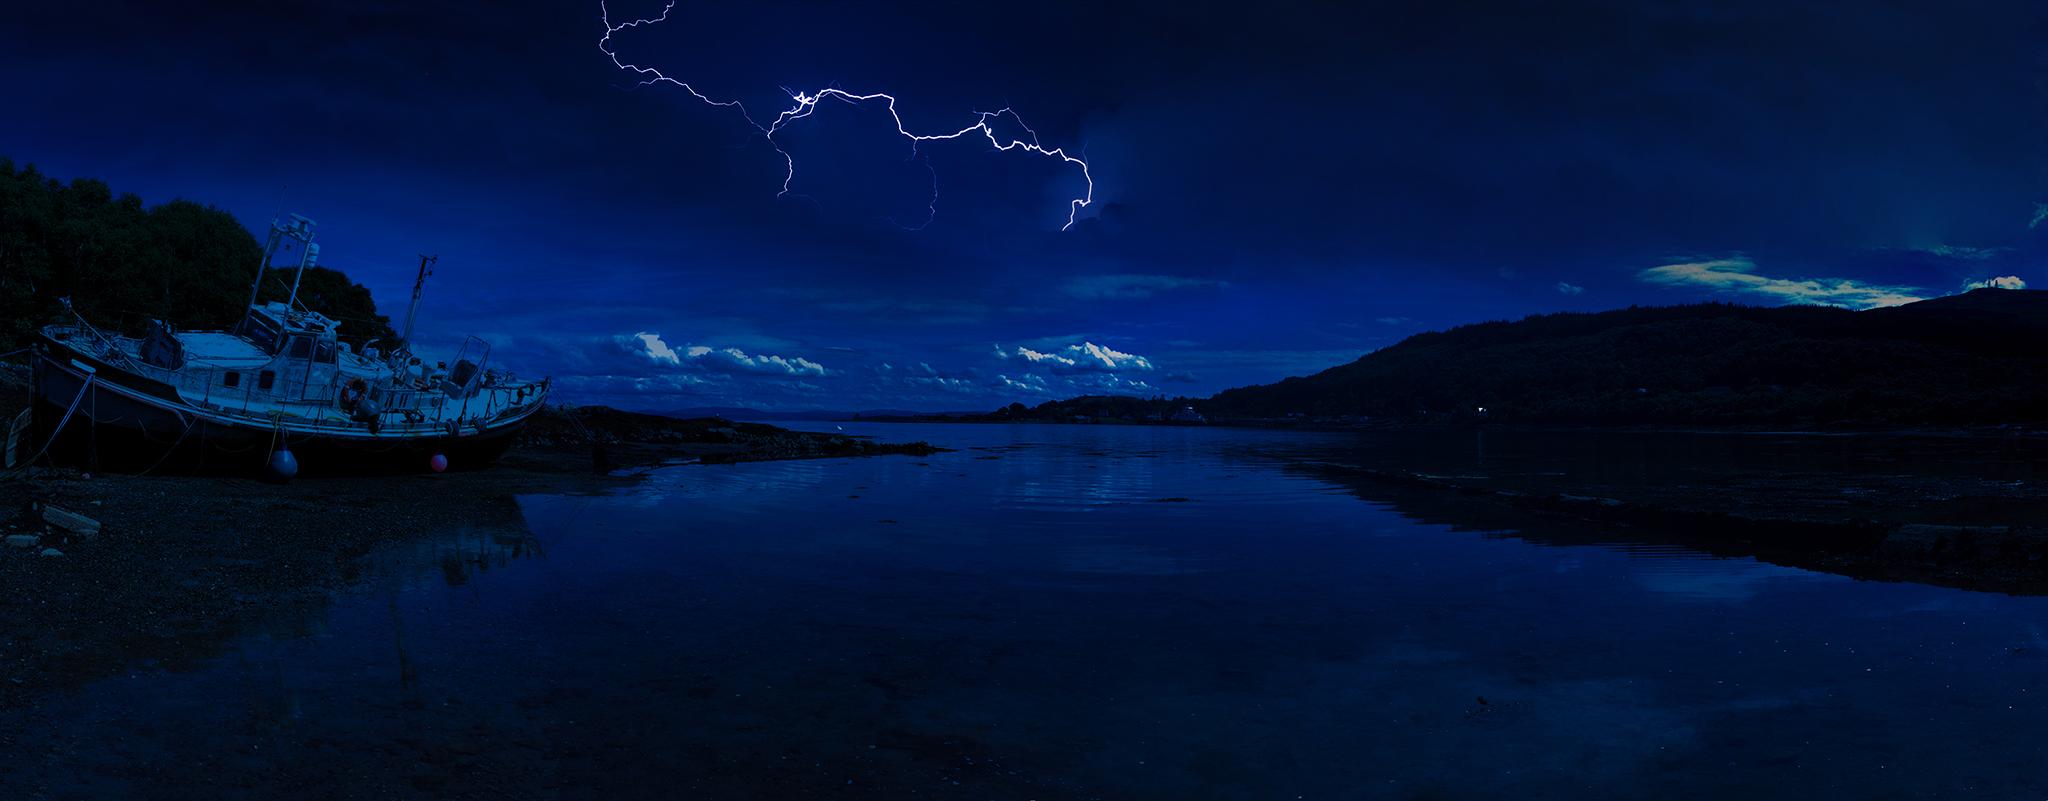 Craignure Lightning